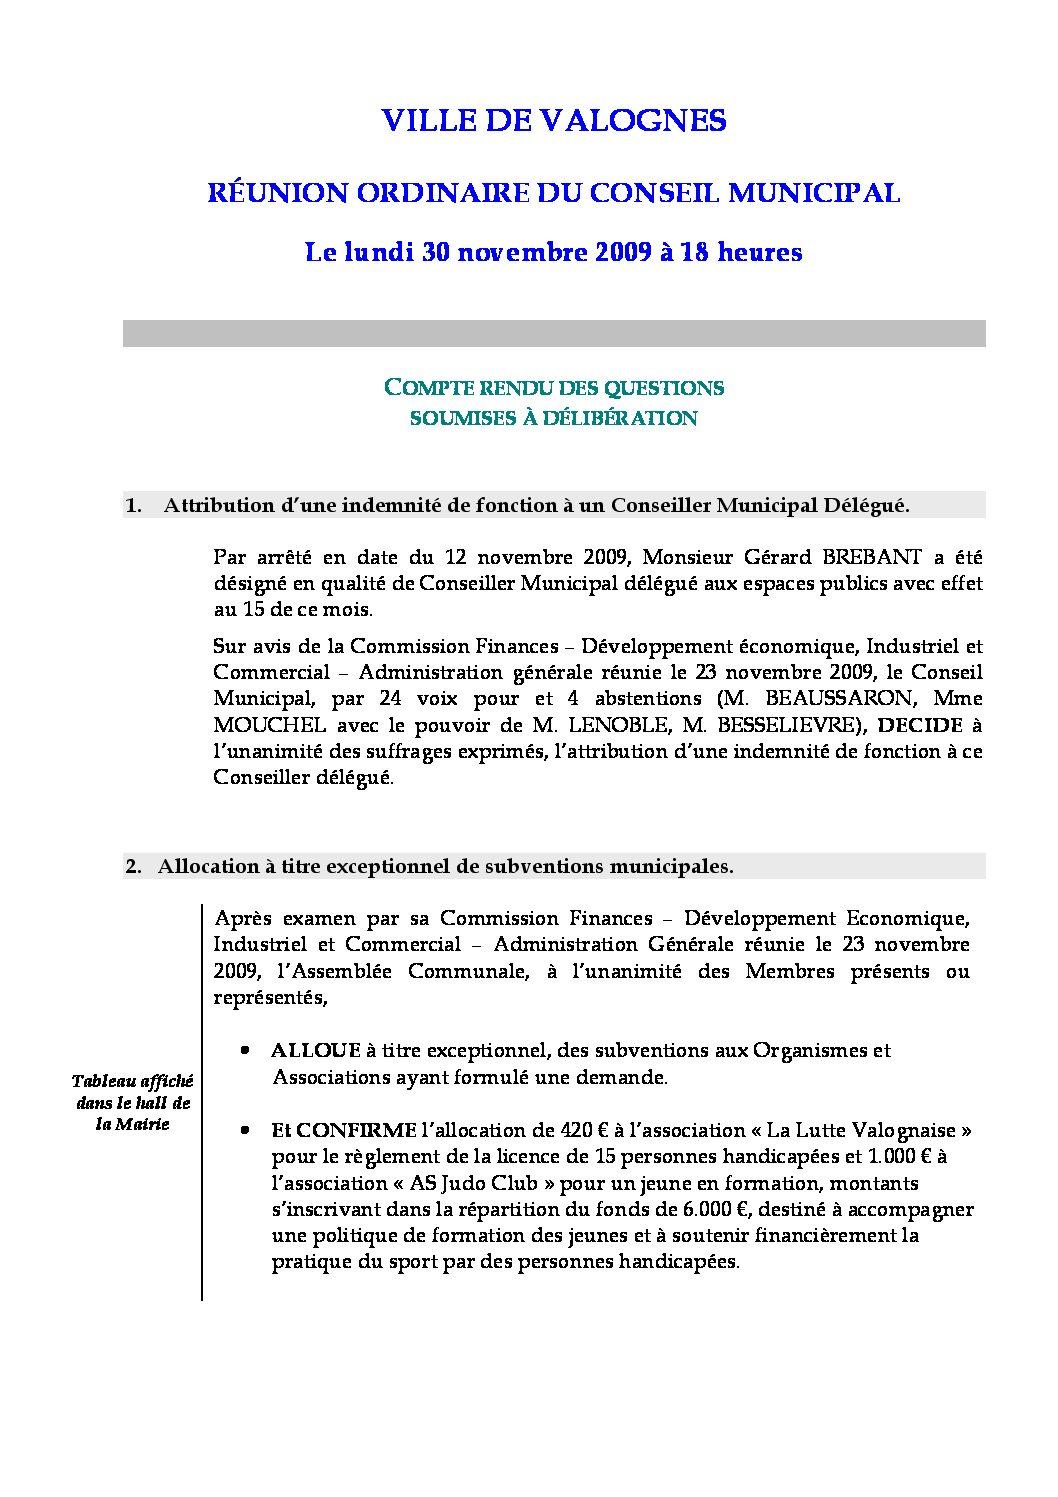 Extrait du registre des délibérations du 30-11-2009 - Compte rendu des questions soumises à délibération lors de la séance du Conseil Municipal du 30 novembre 2009.